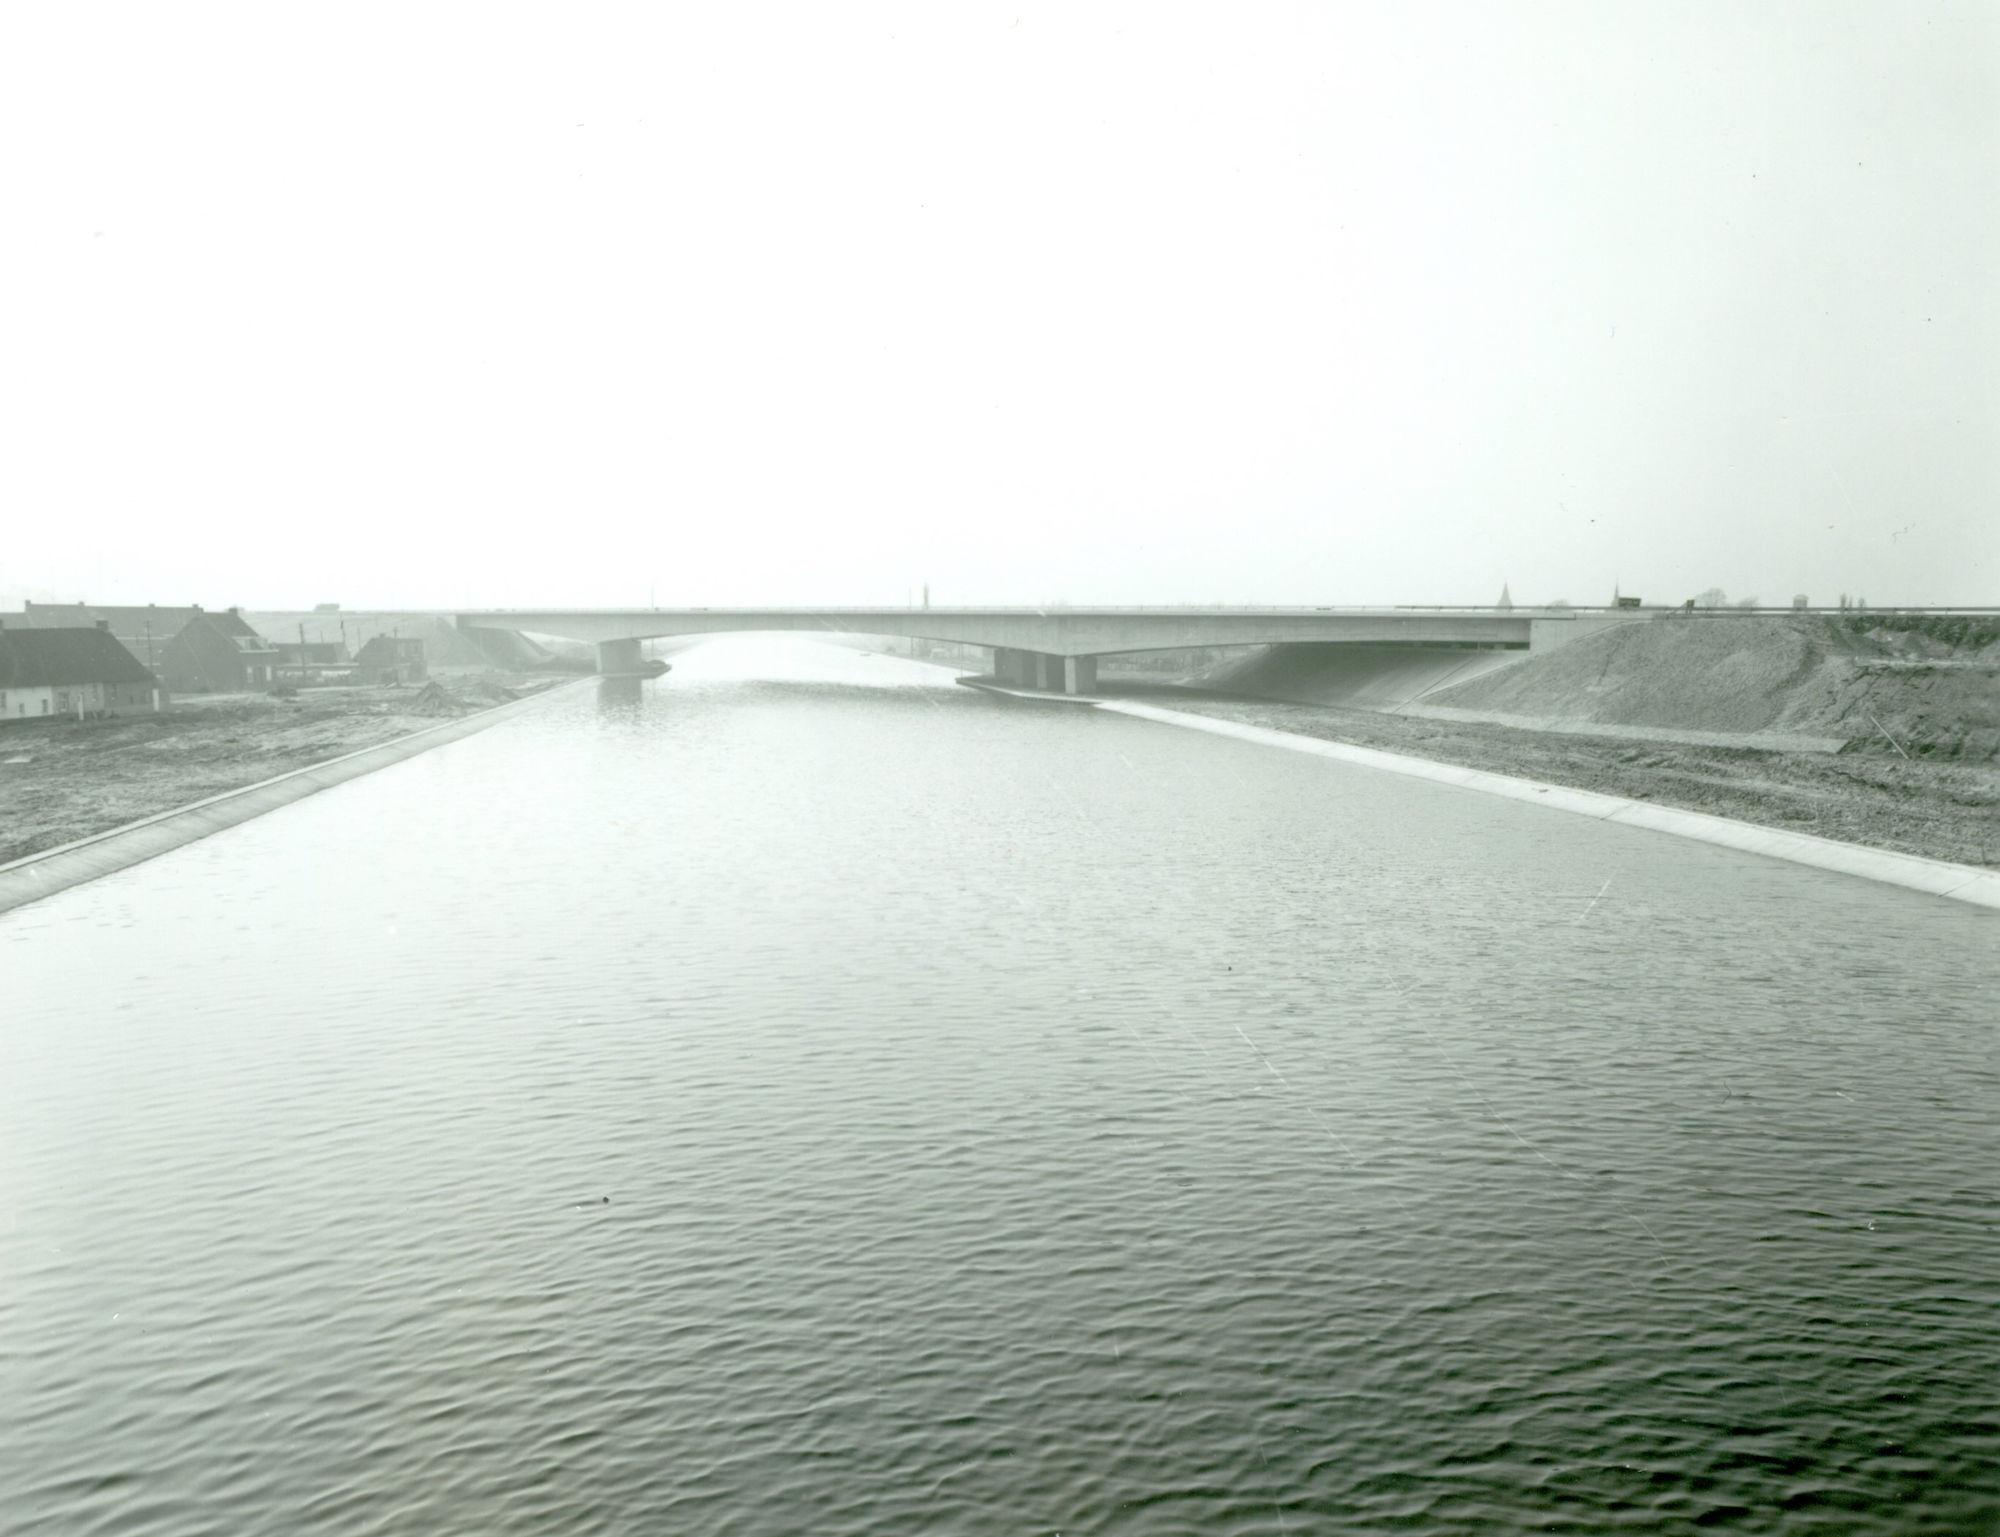 Brug van de snelweg E17 over het kanaal Bossuit-Kortrijk te Harelbeke 1975